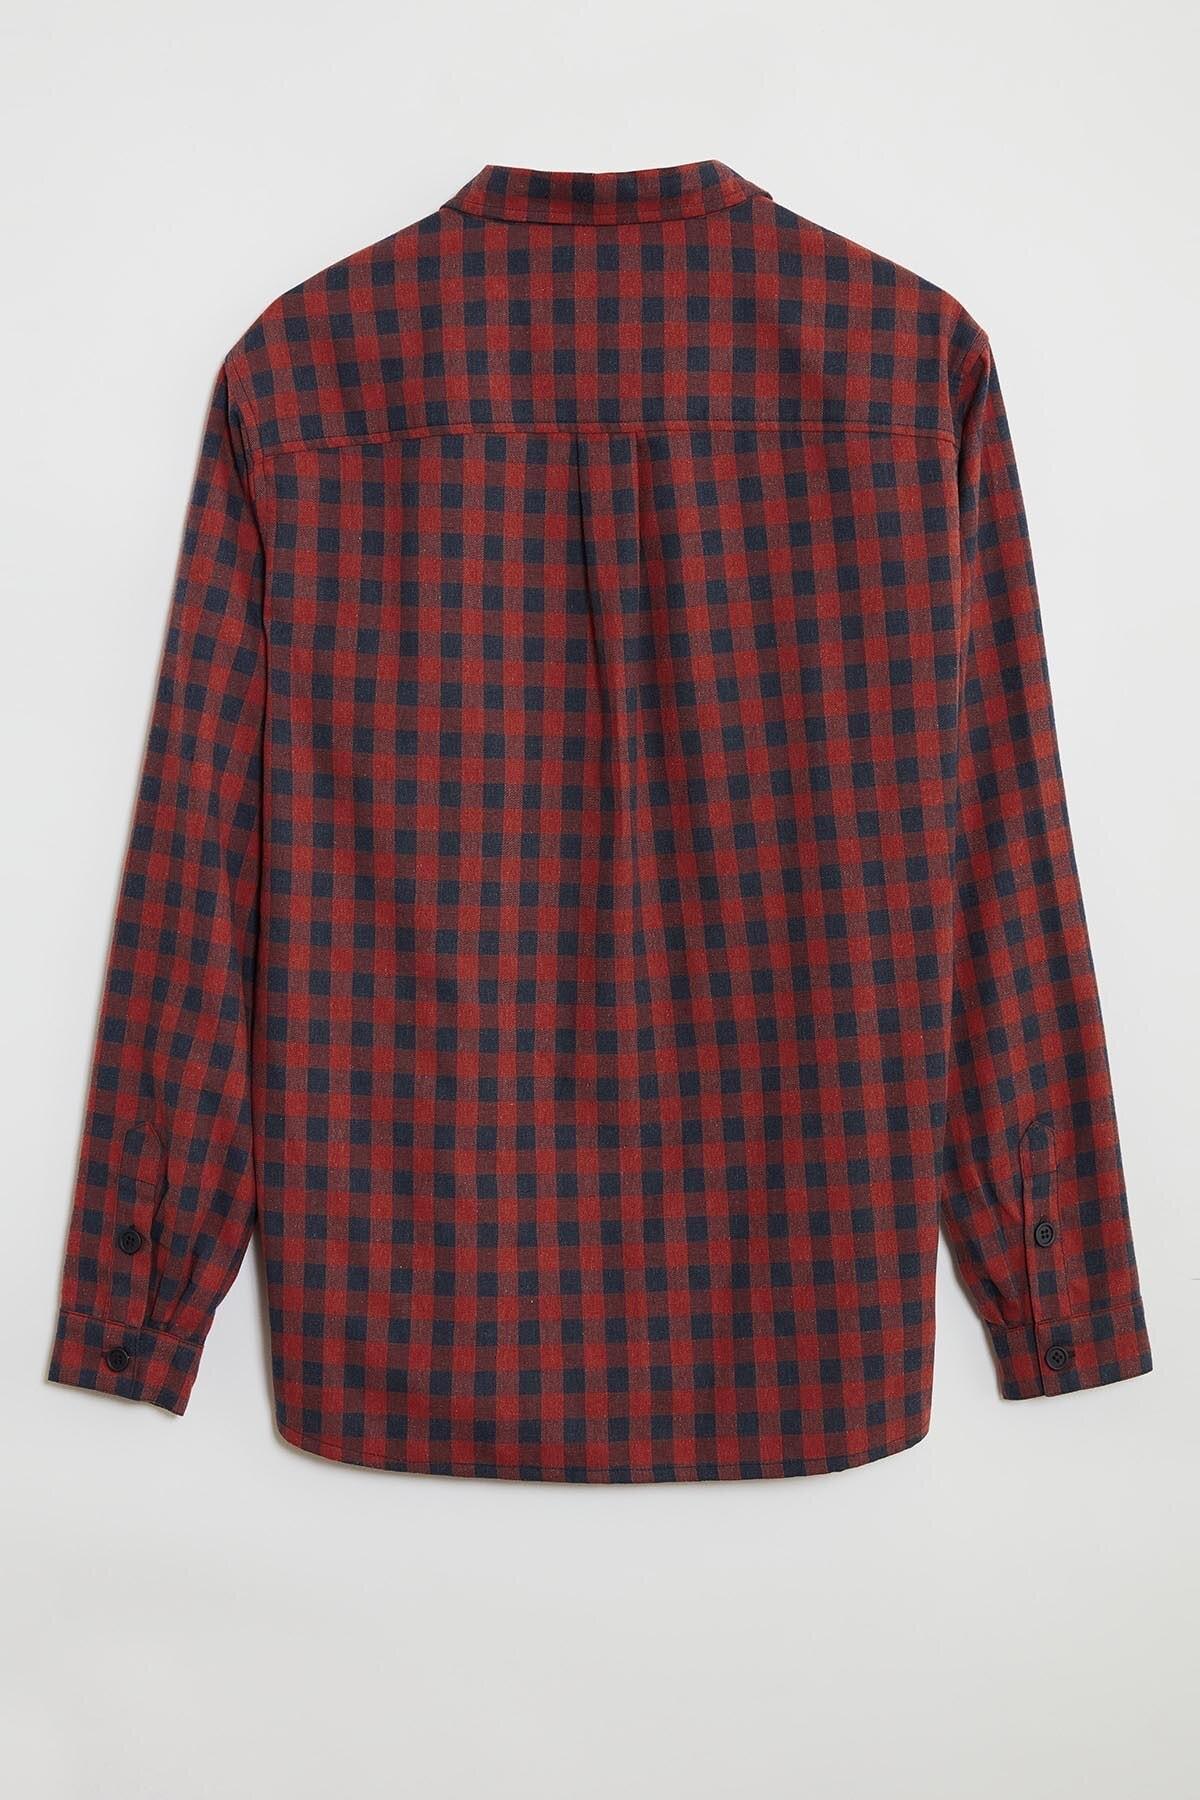 GRIMELANGE BRETT Erkek Kırmızı Kareli Regular Gömlek 3